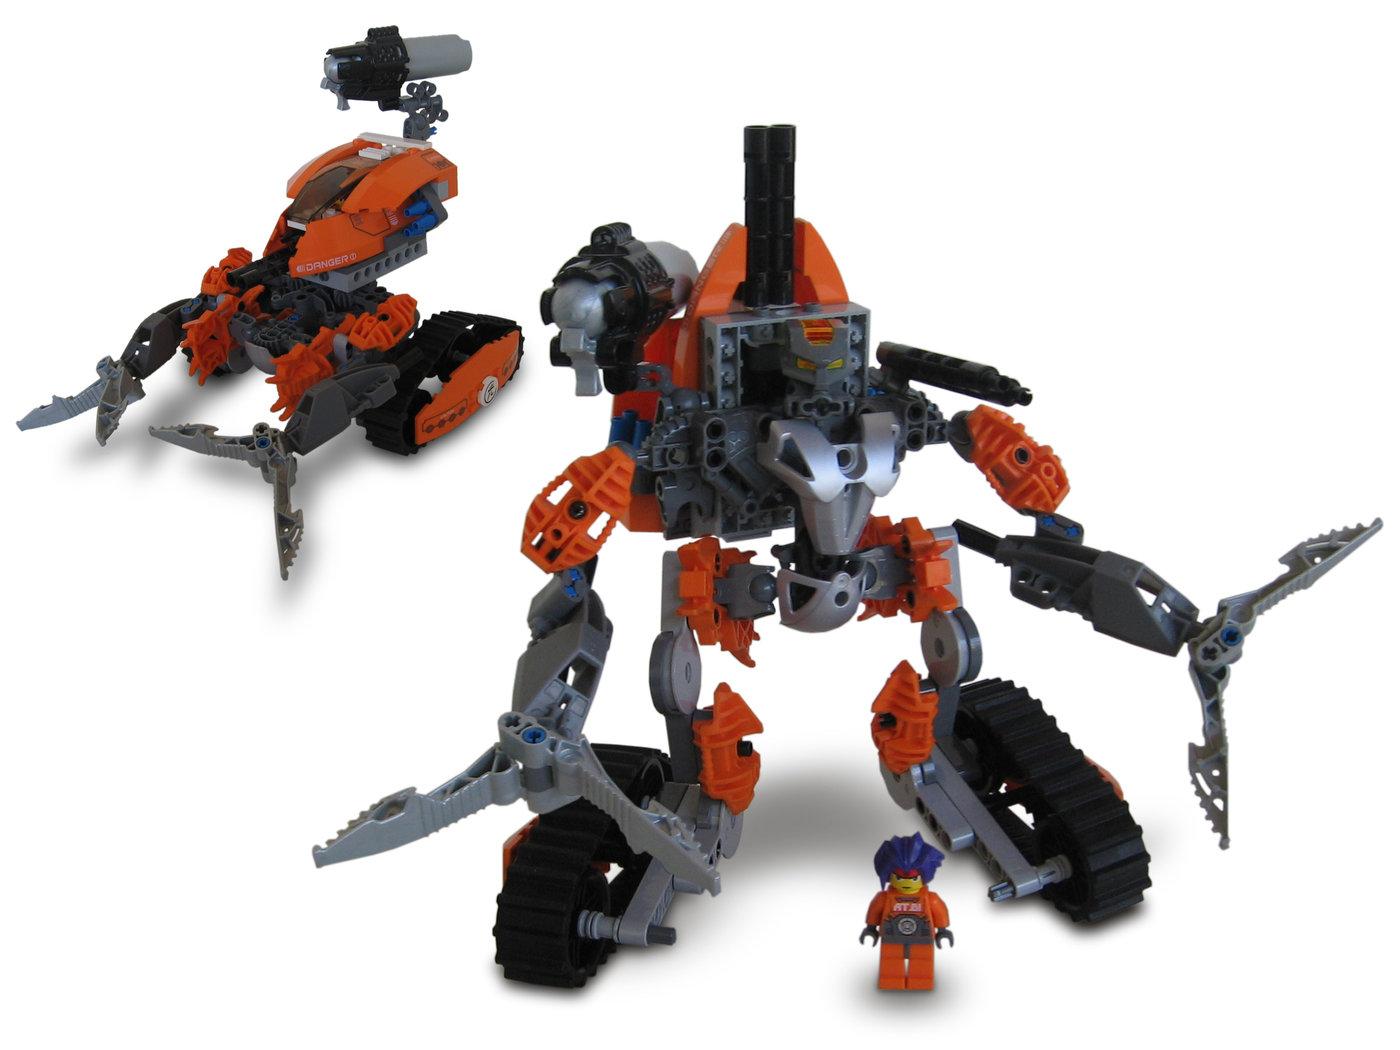 Гоночная машина - автобот » Робот из lego nxt 2.0 94